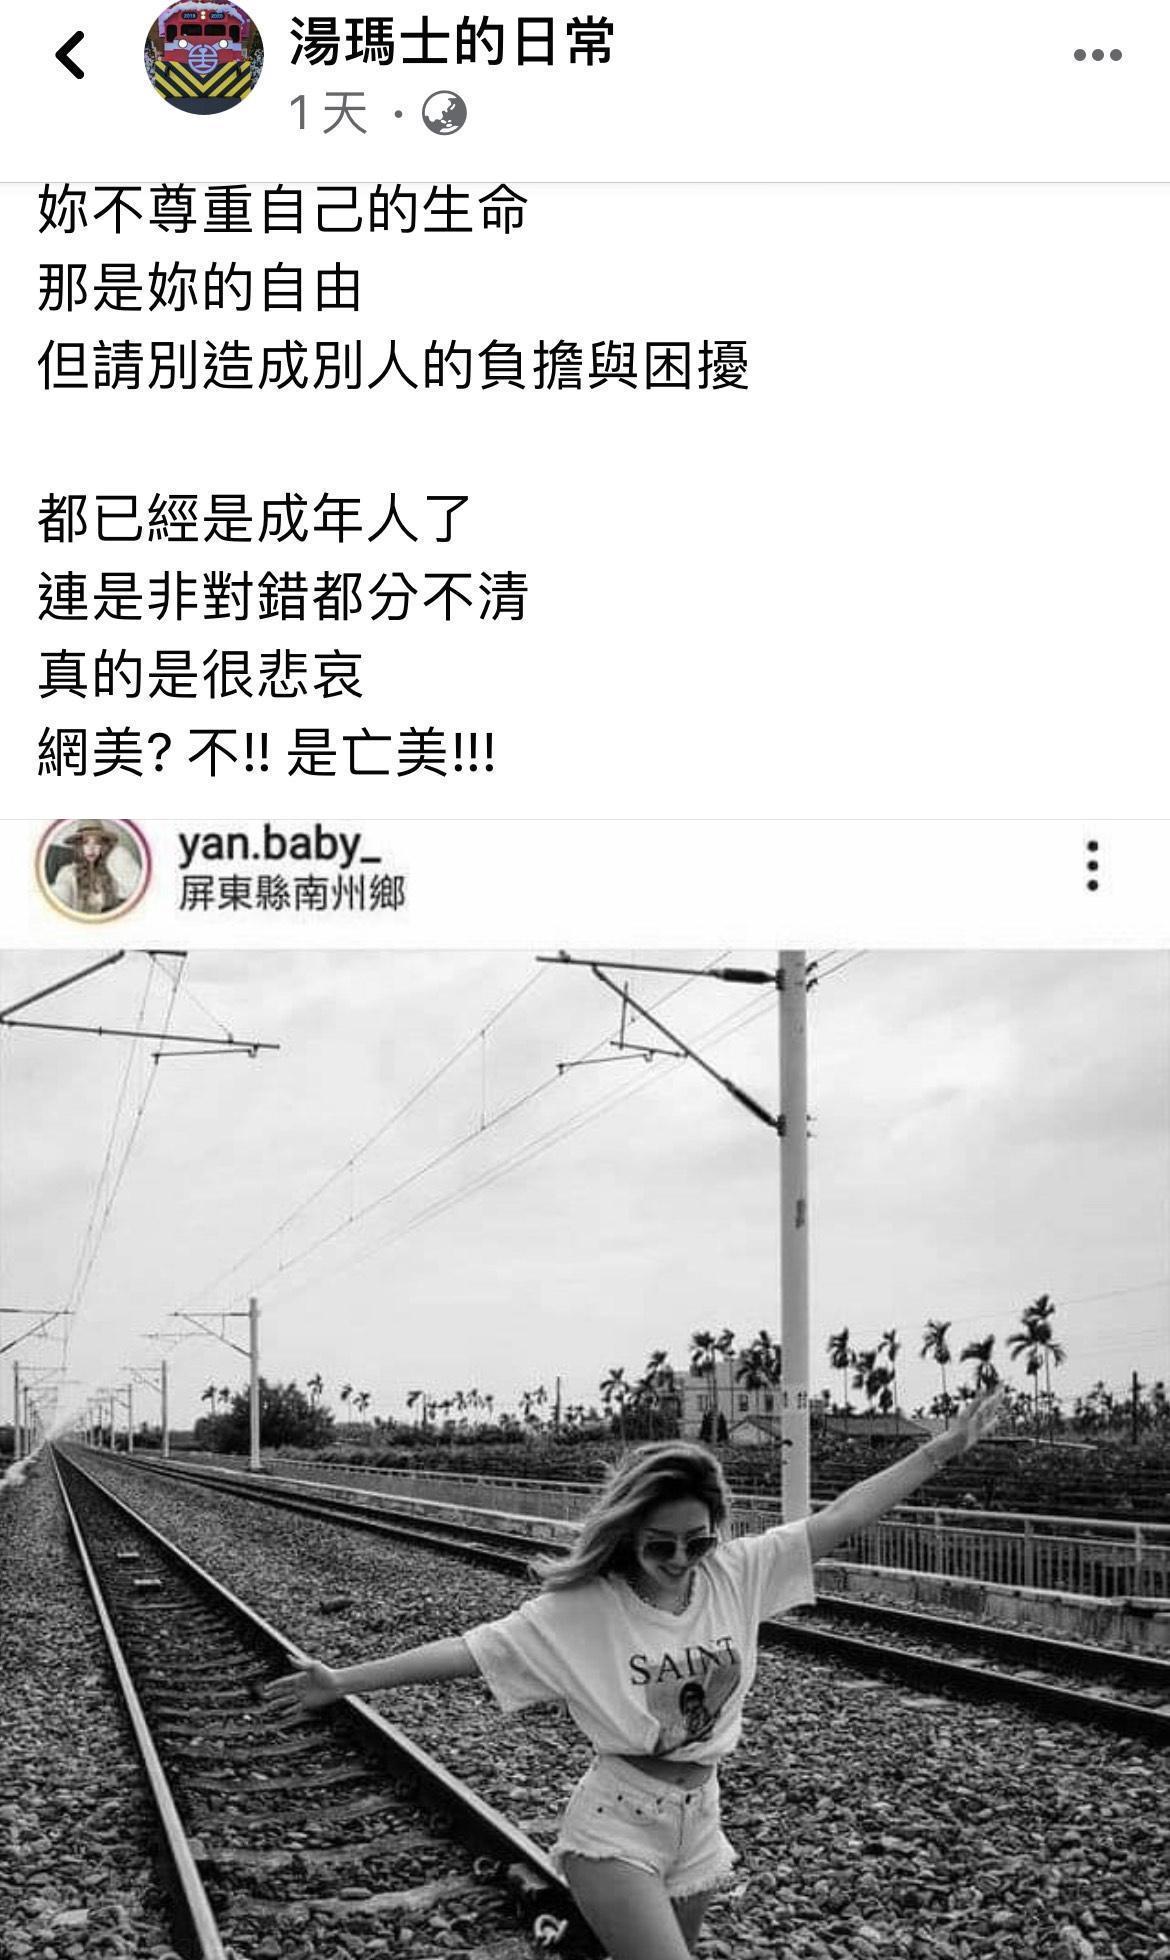 鐵道迷「湯瑪士的日常」怒批呂妍芯不是網美,而是「亡美」。(翻攝自湯瑪士的日常臉書)